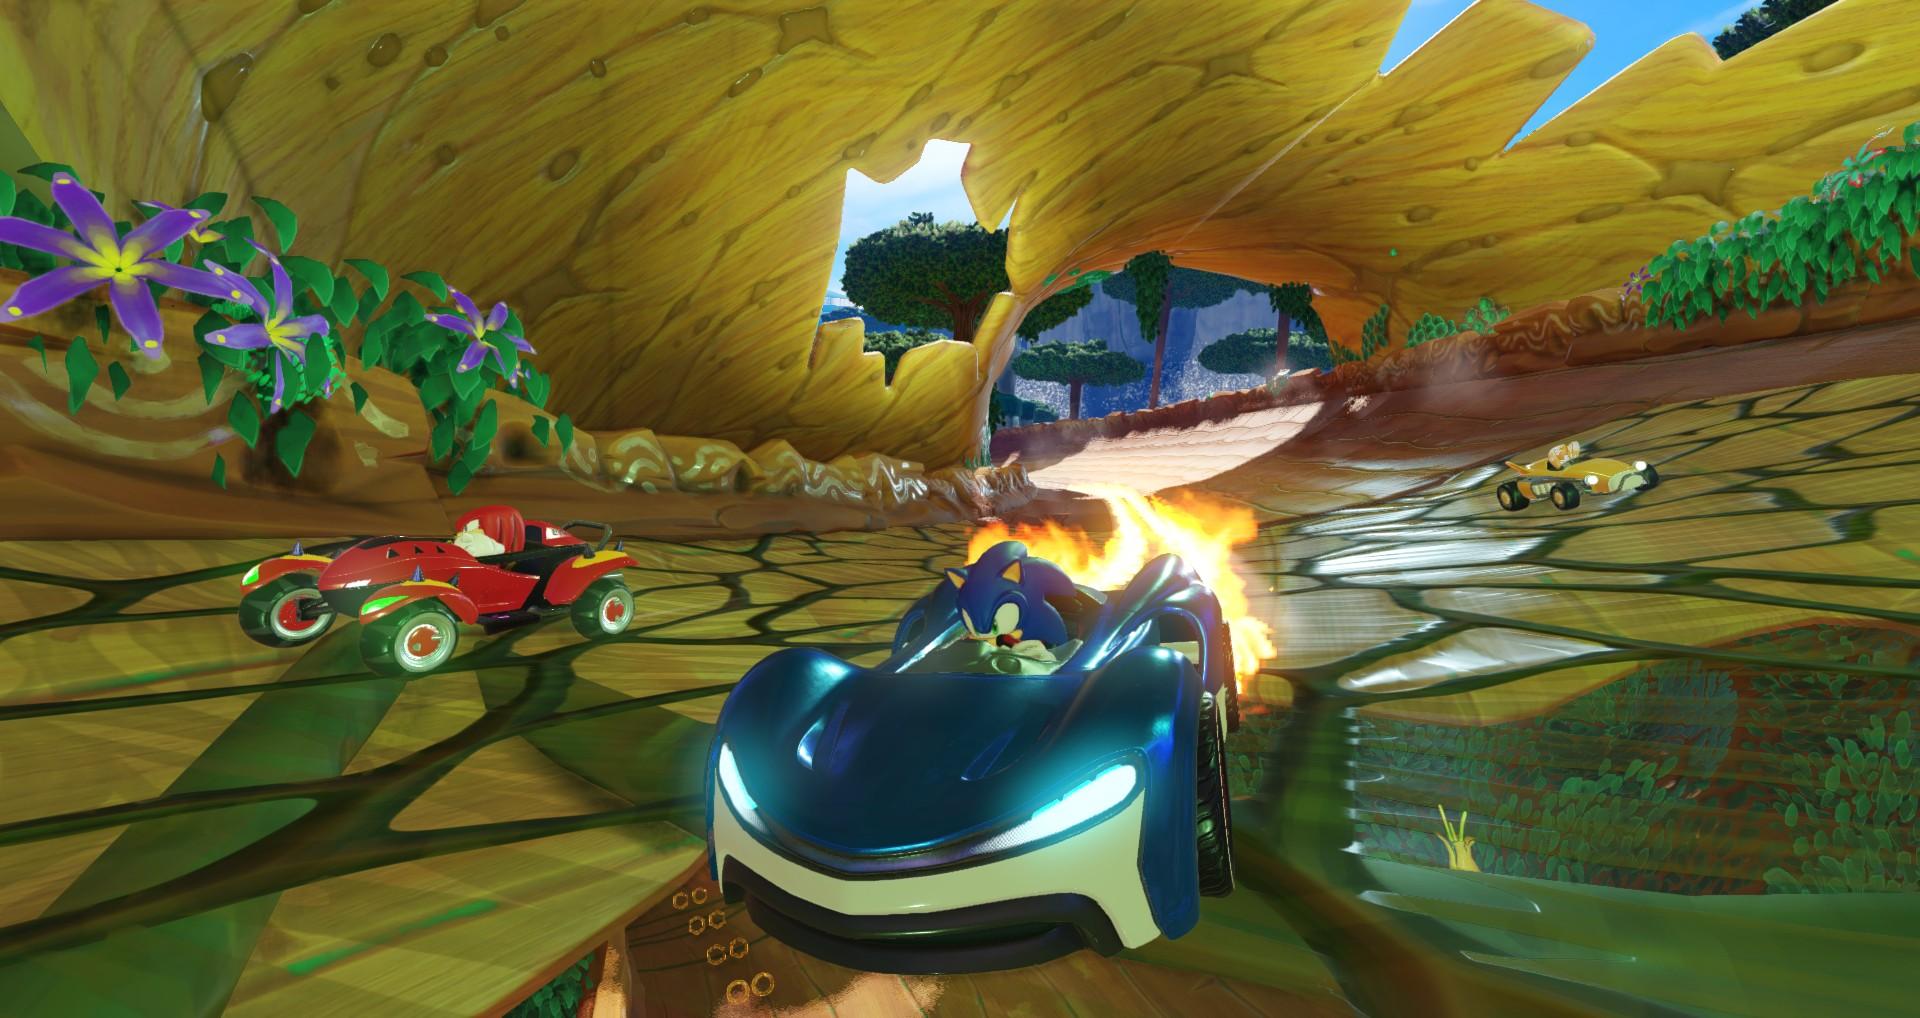 """Vazam detalhes e imagens de """"Team Sonic Racing"""", novo game de corrida do ouriço"""